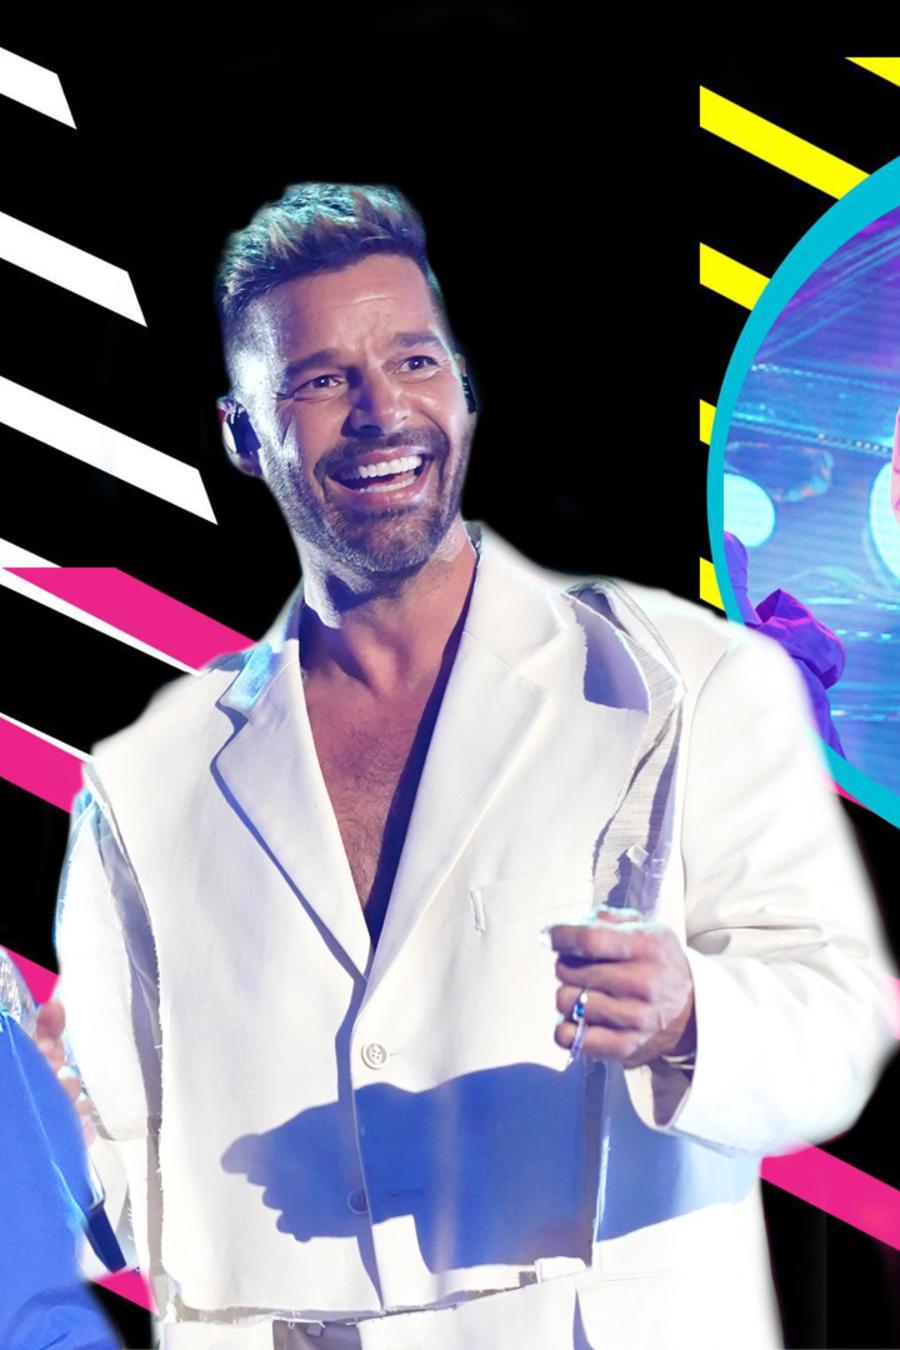 Ricky Martin, Karol G y Ozuna conquistan los Latin AMAs 2021